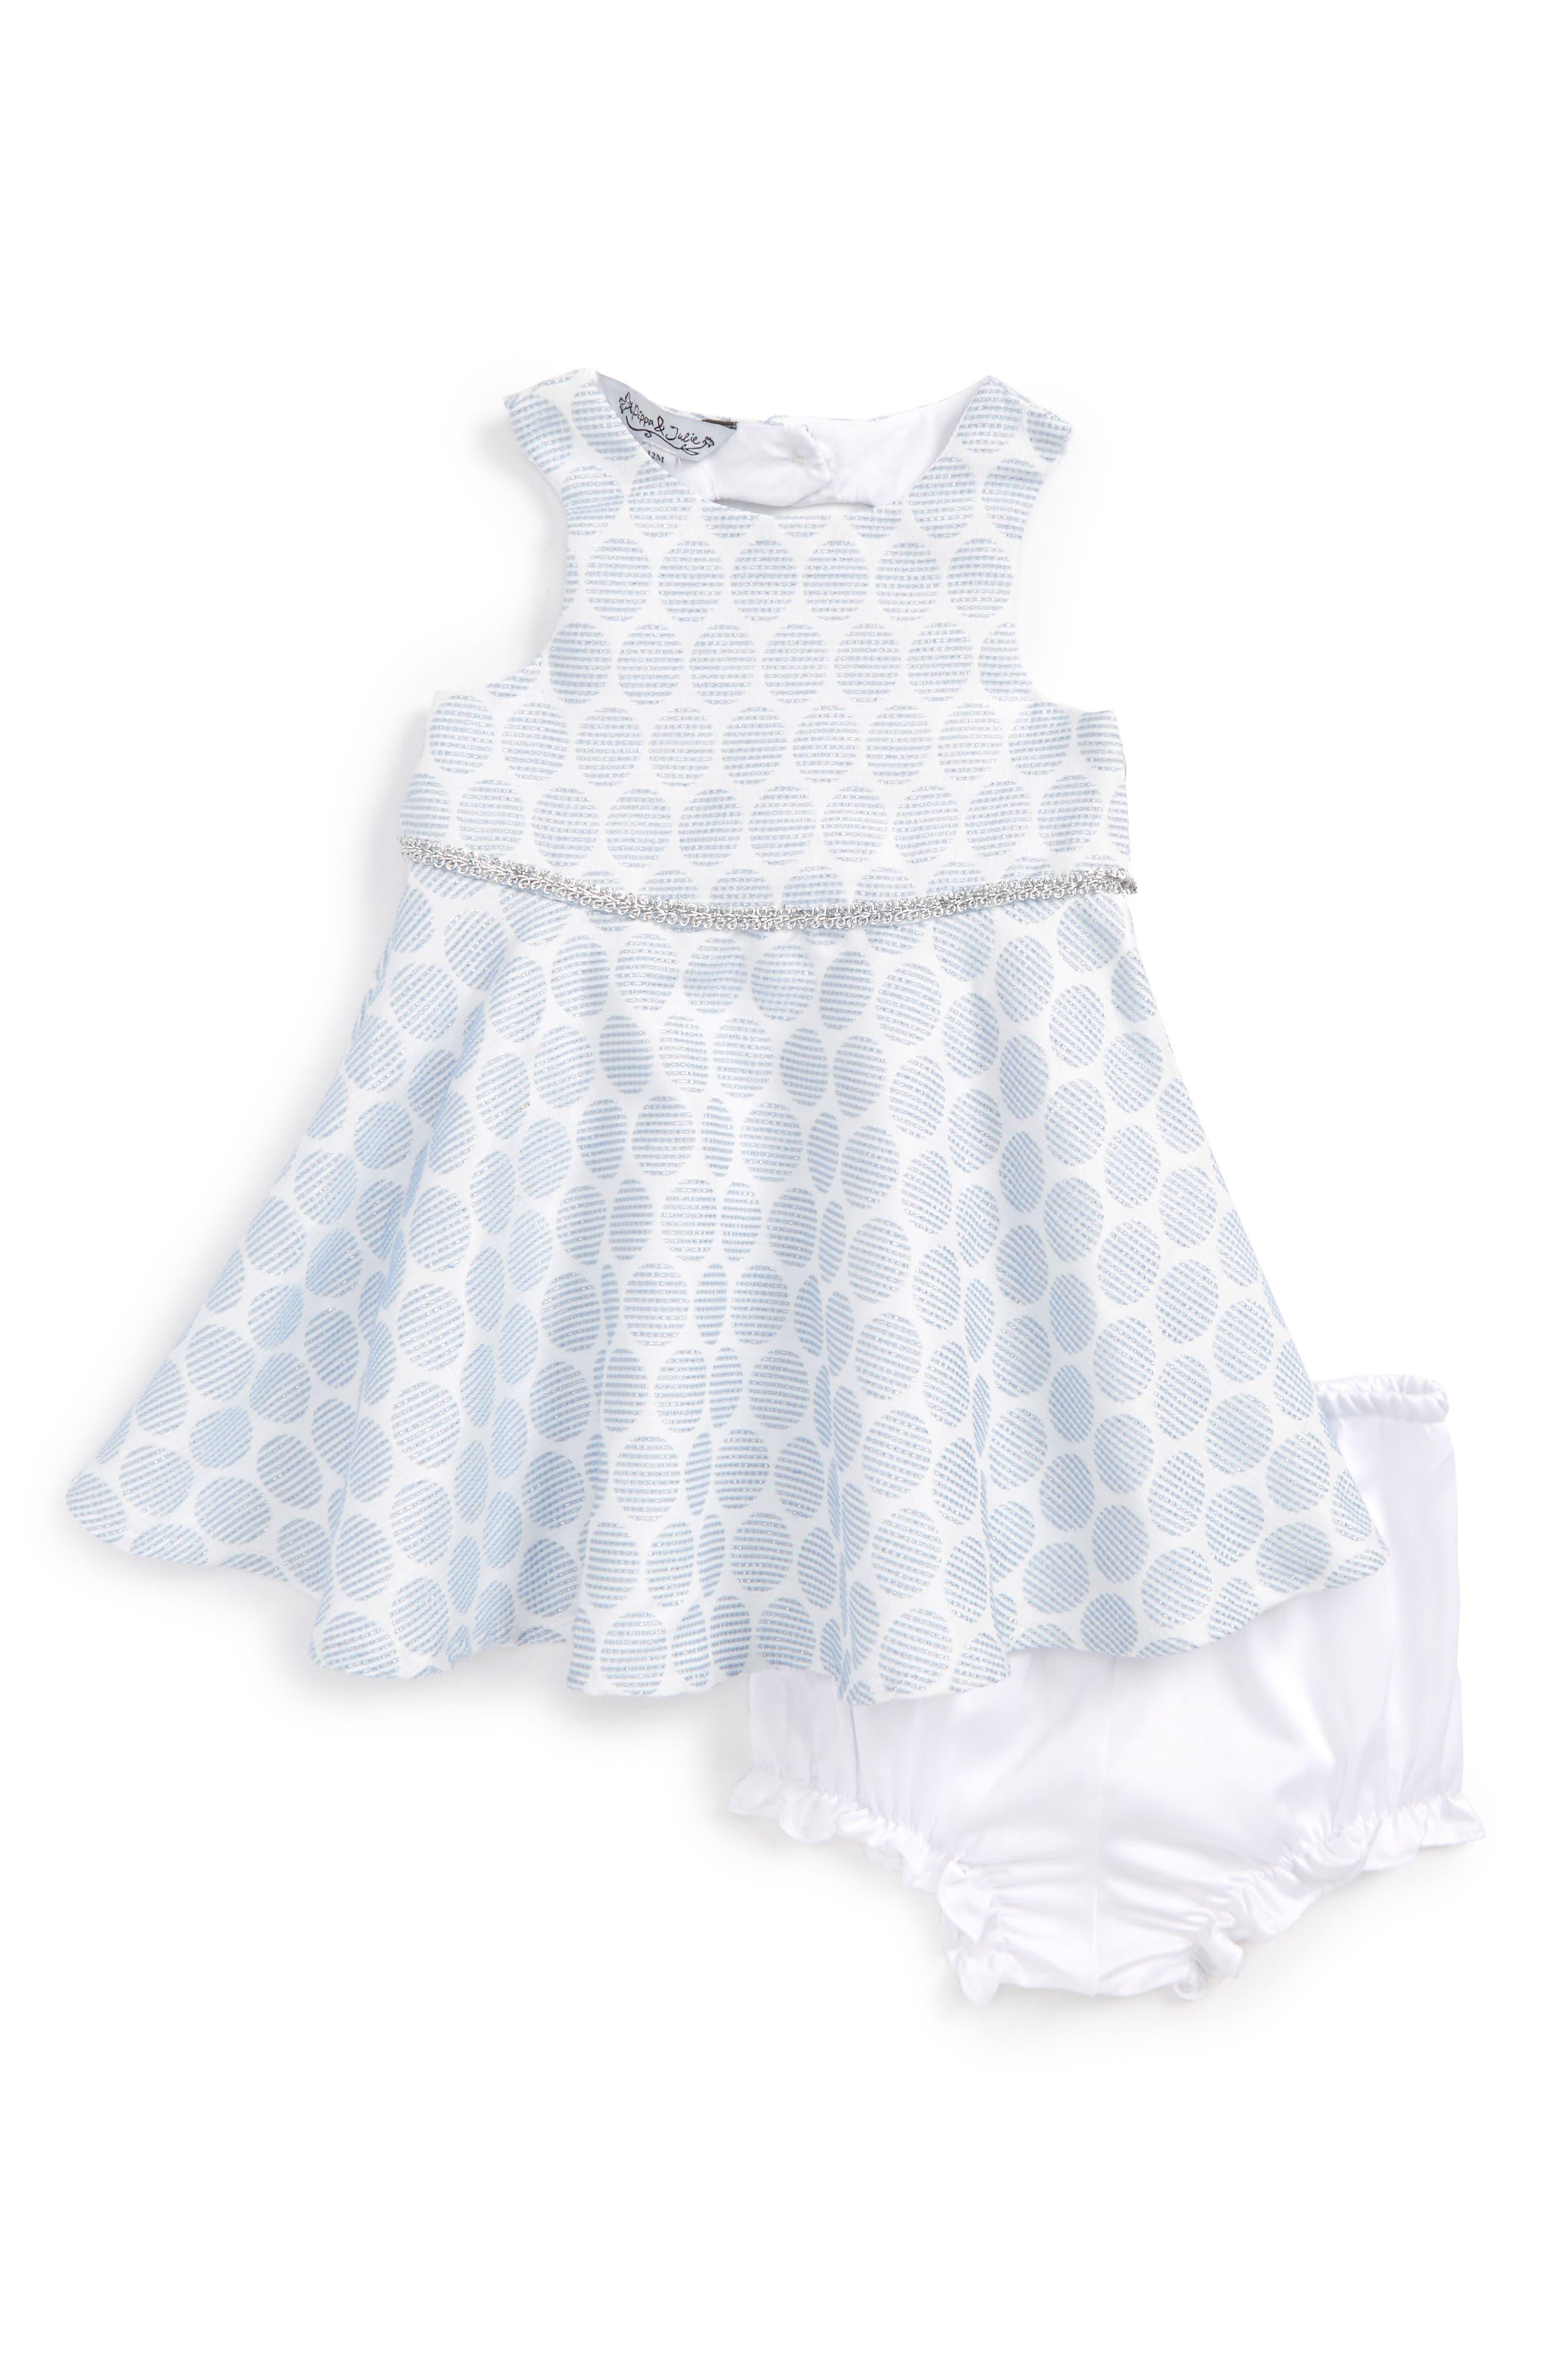 Polka Dot Dress,                         Main,                         color, Light Blue/ White